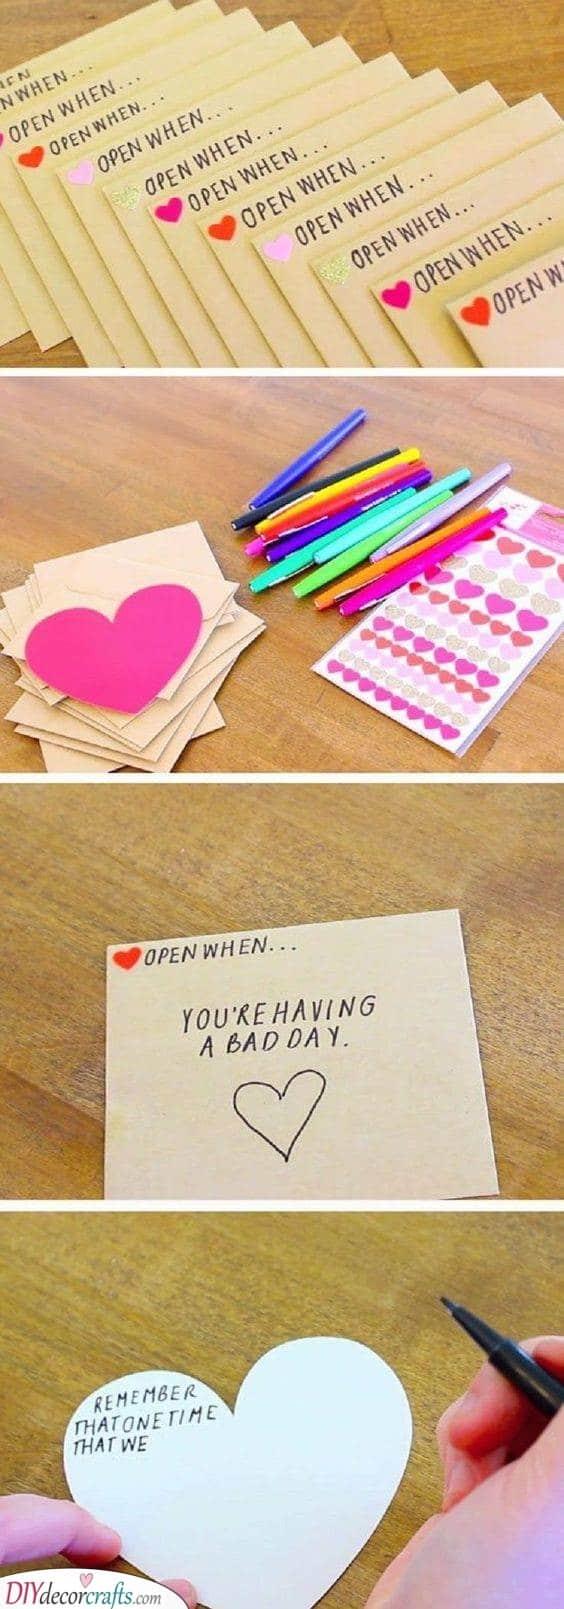 Open When - An Abundance of Letters